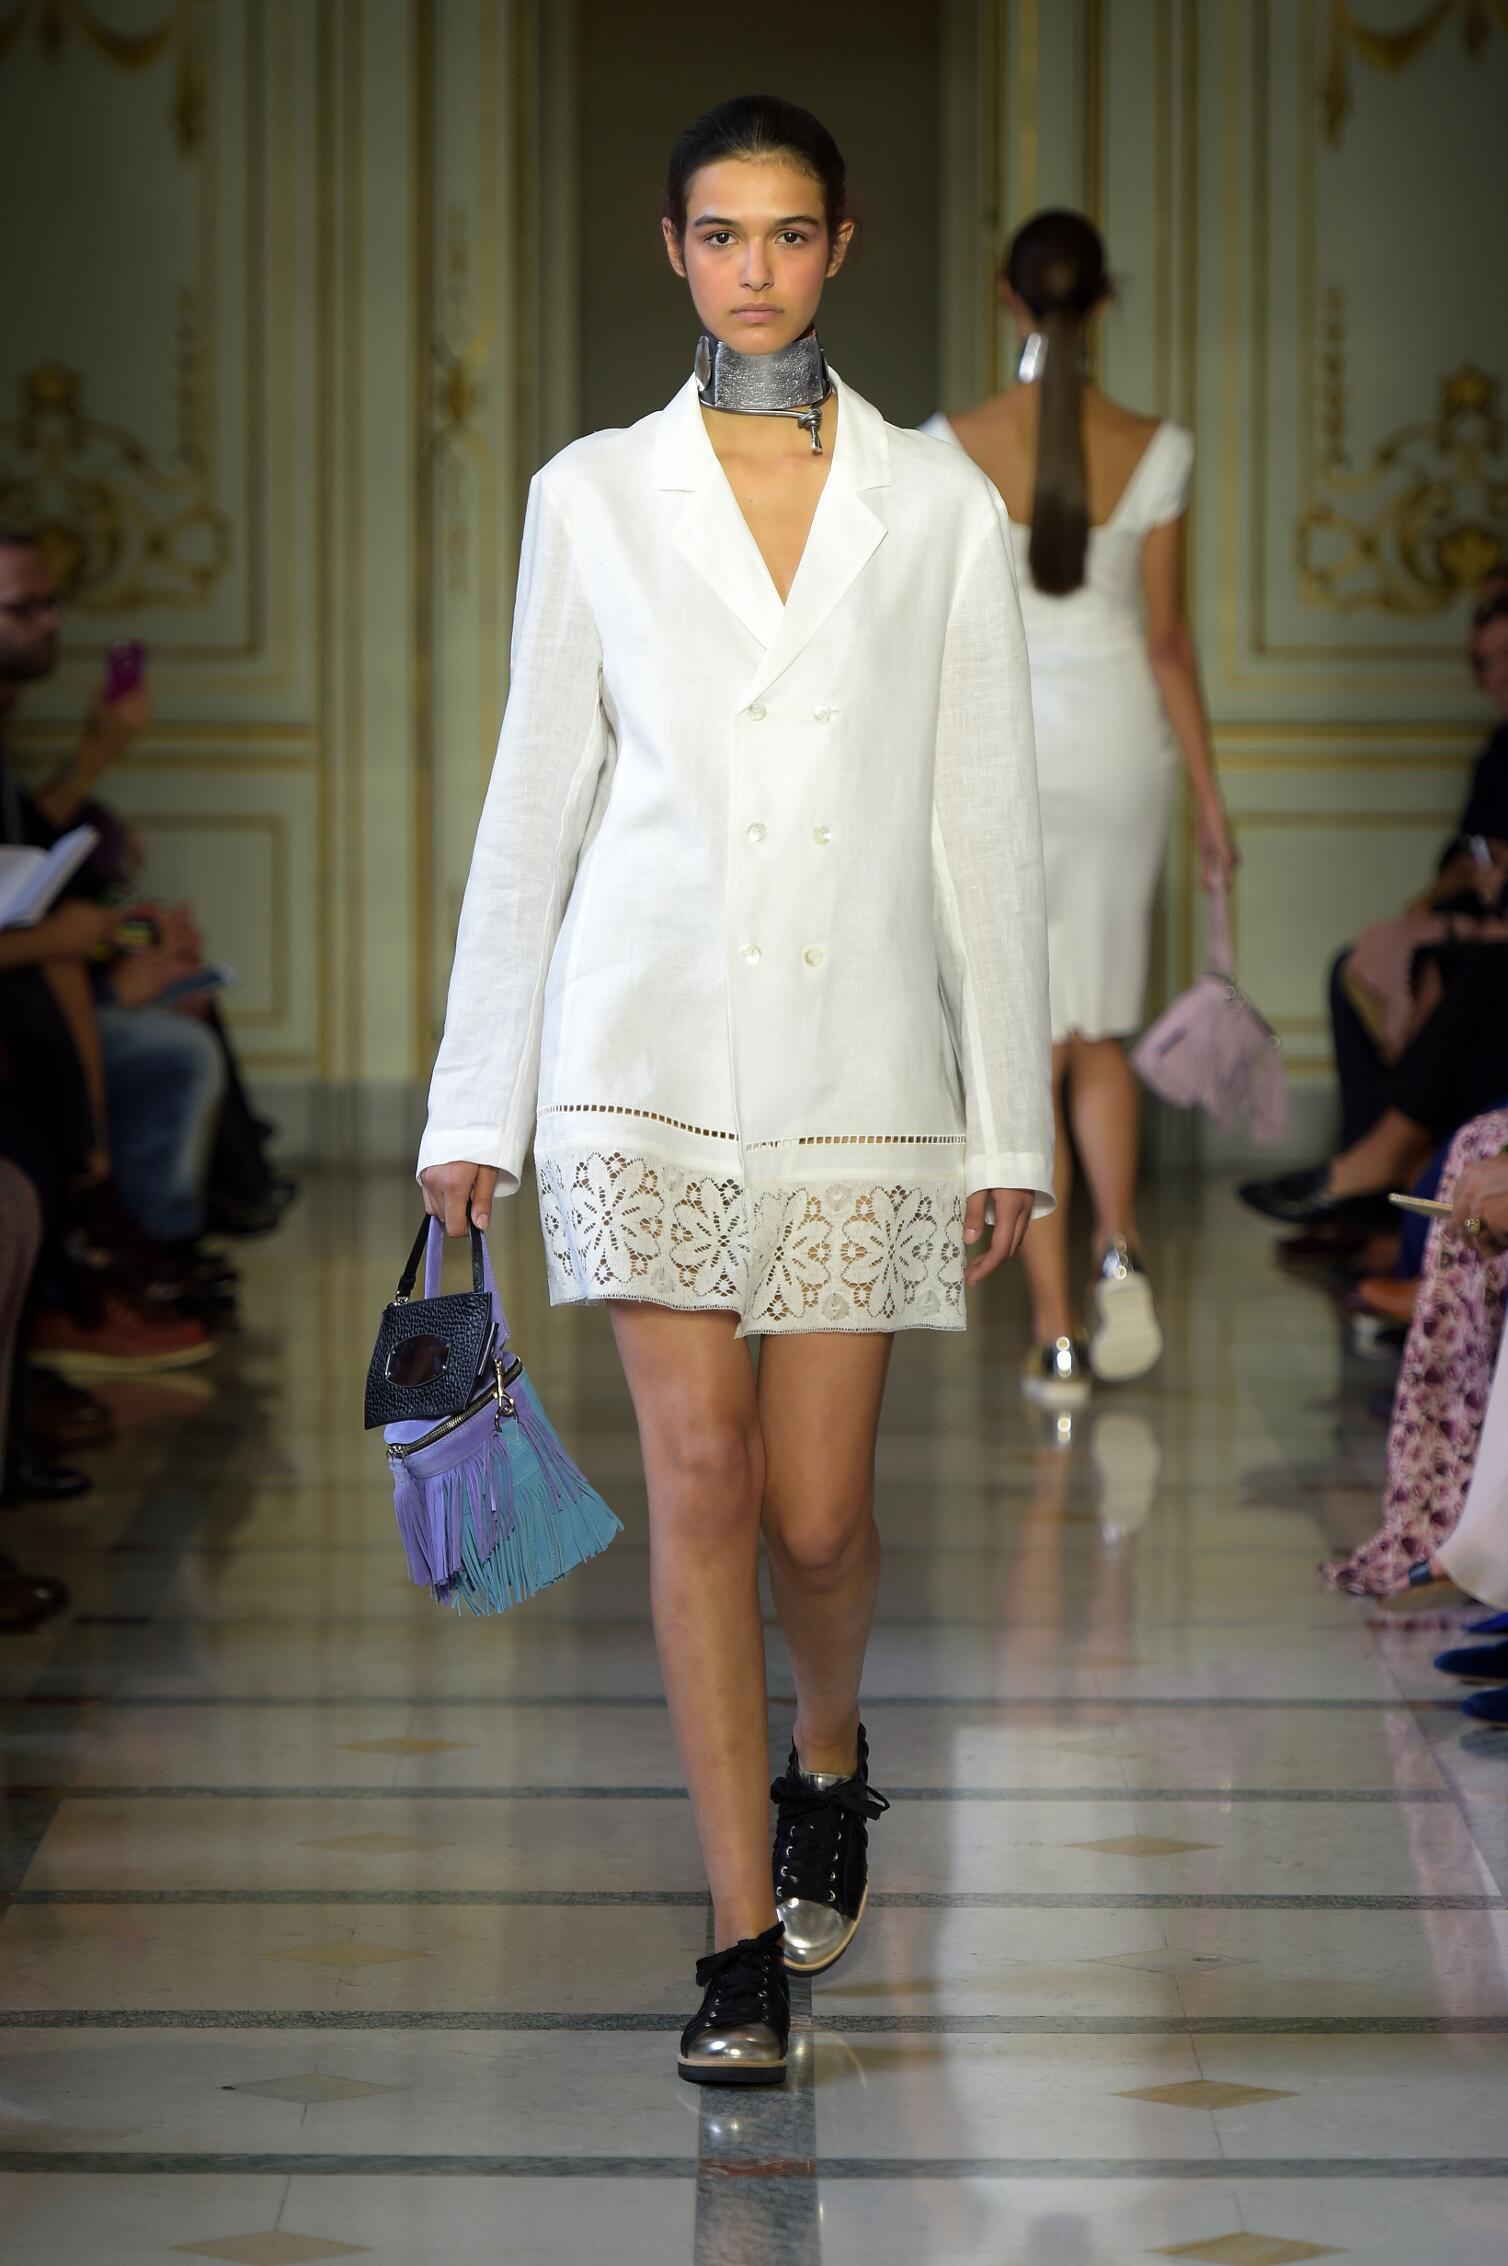 Spring 2016 Woman Fashion Show Andrea Incontri